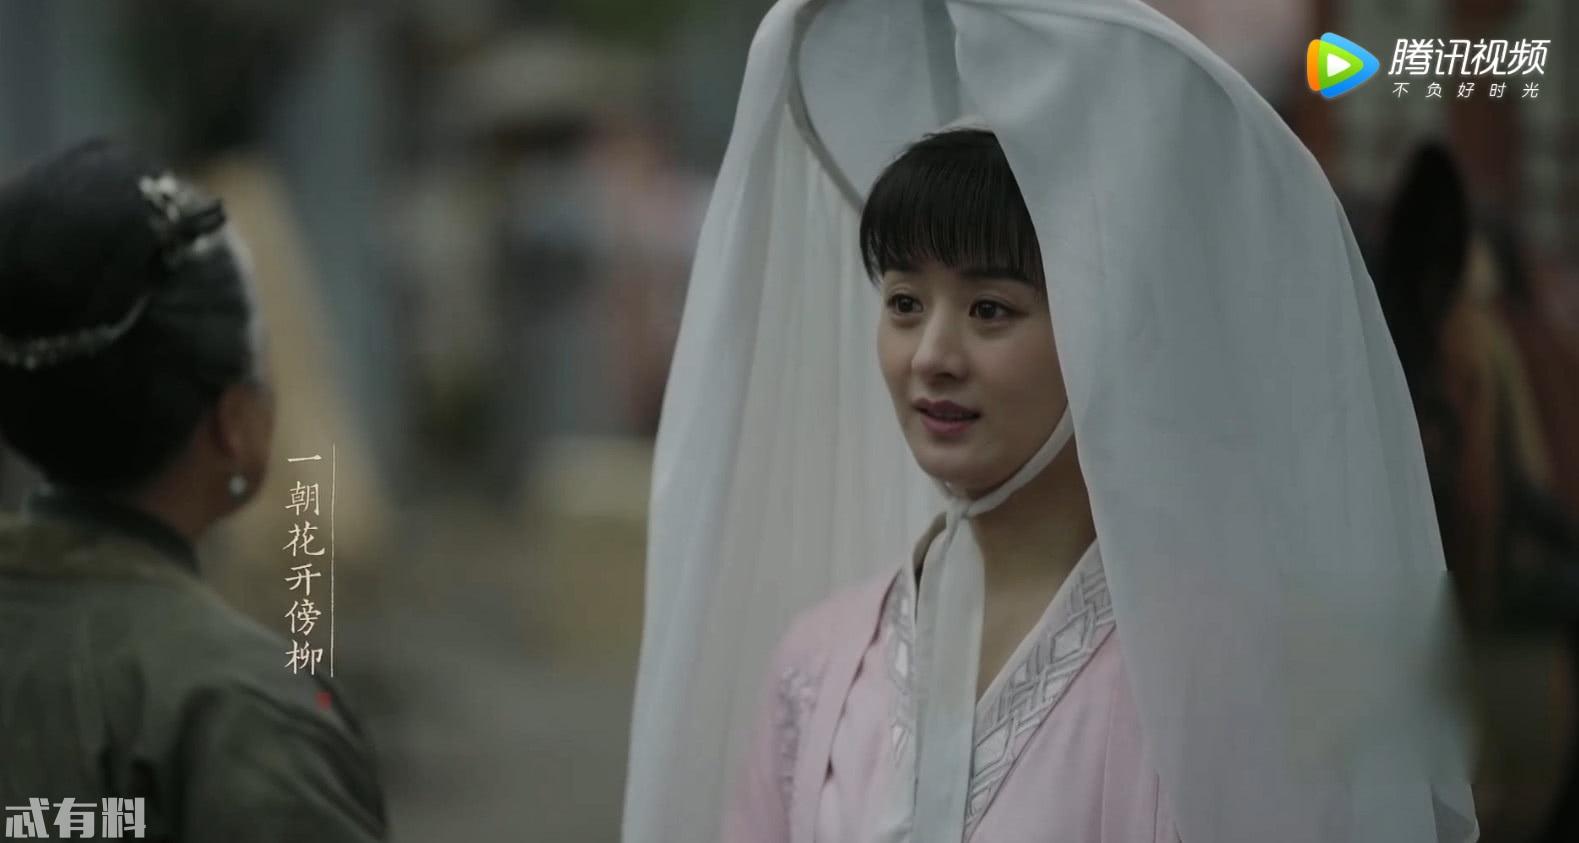 知否:嘉成县主被凌辱致死 平宁郡主着急张罗齐衡另娶她人!